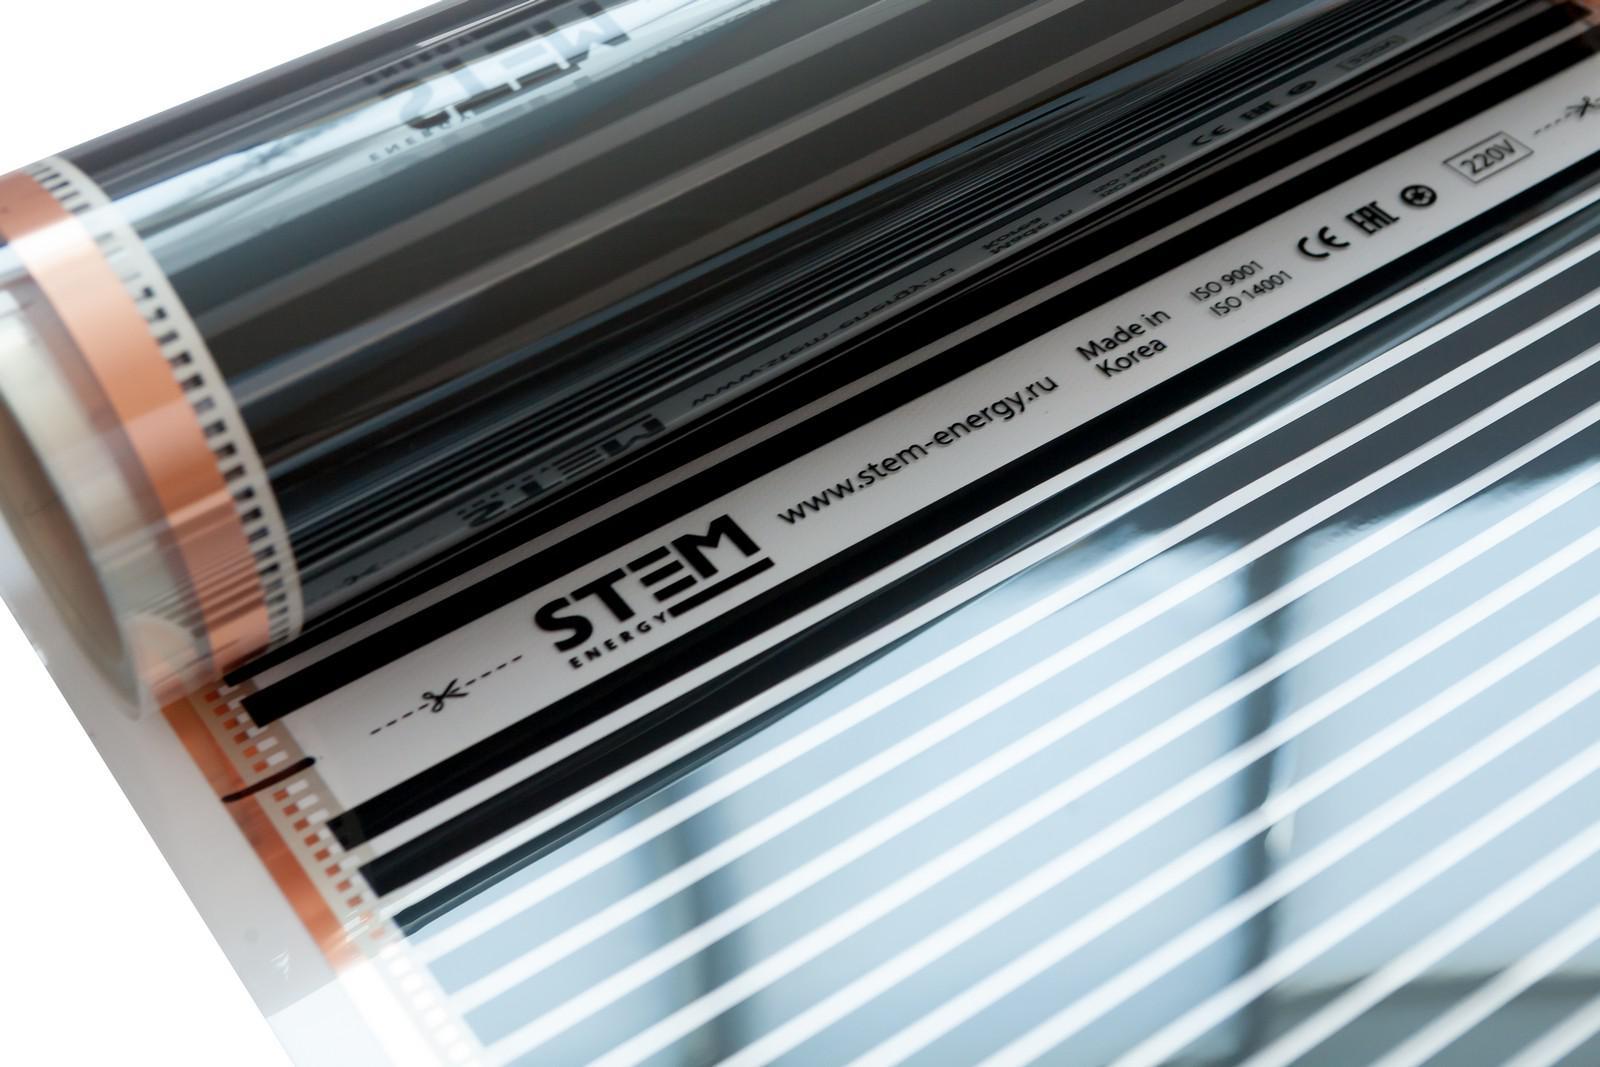 Теплый пол Stem energy Standart kxt305, Standart kxt305